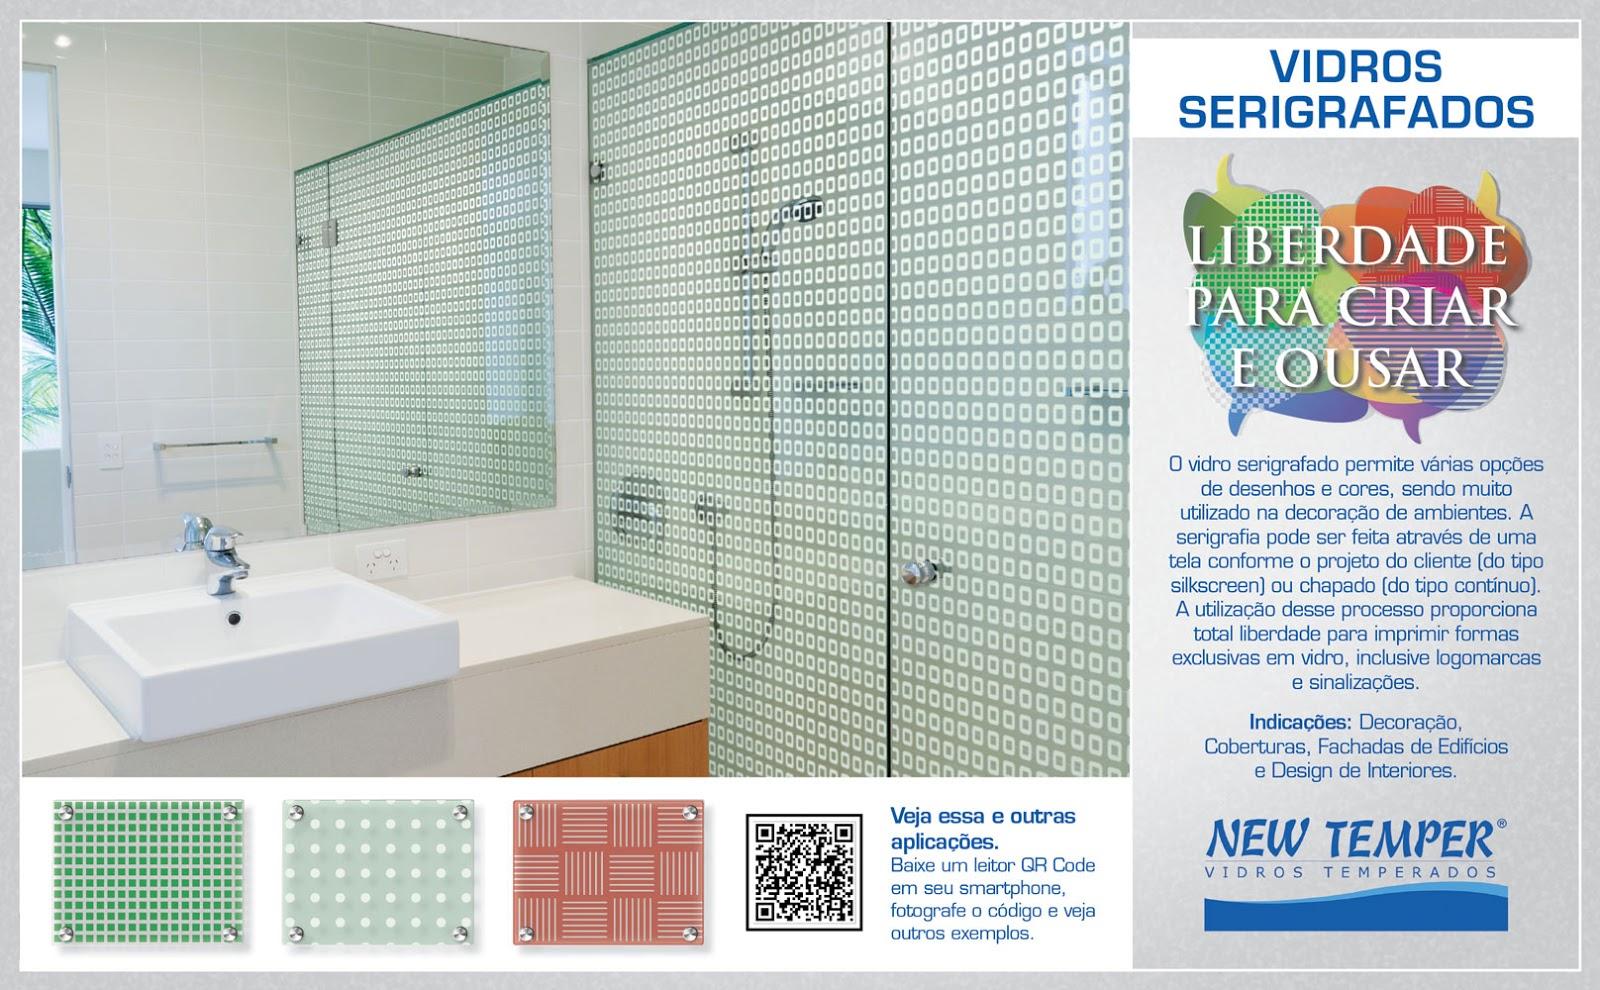 Imagens de #266695 Vidros Espelhos e Box para Banheiro Catete RJ Fone:(21) 2293 3149  1600x990 px 2762 Box Banheiro Nucleo Bandeirante